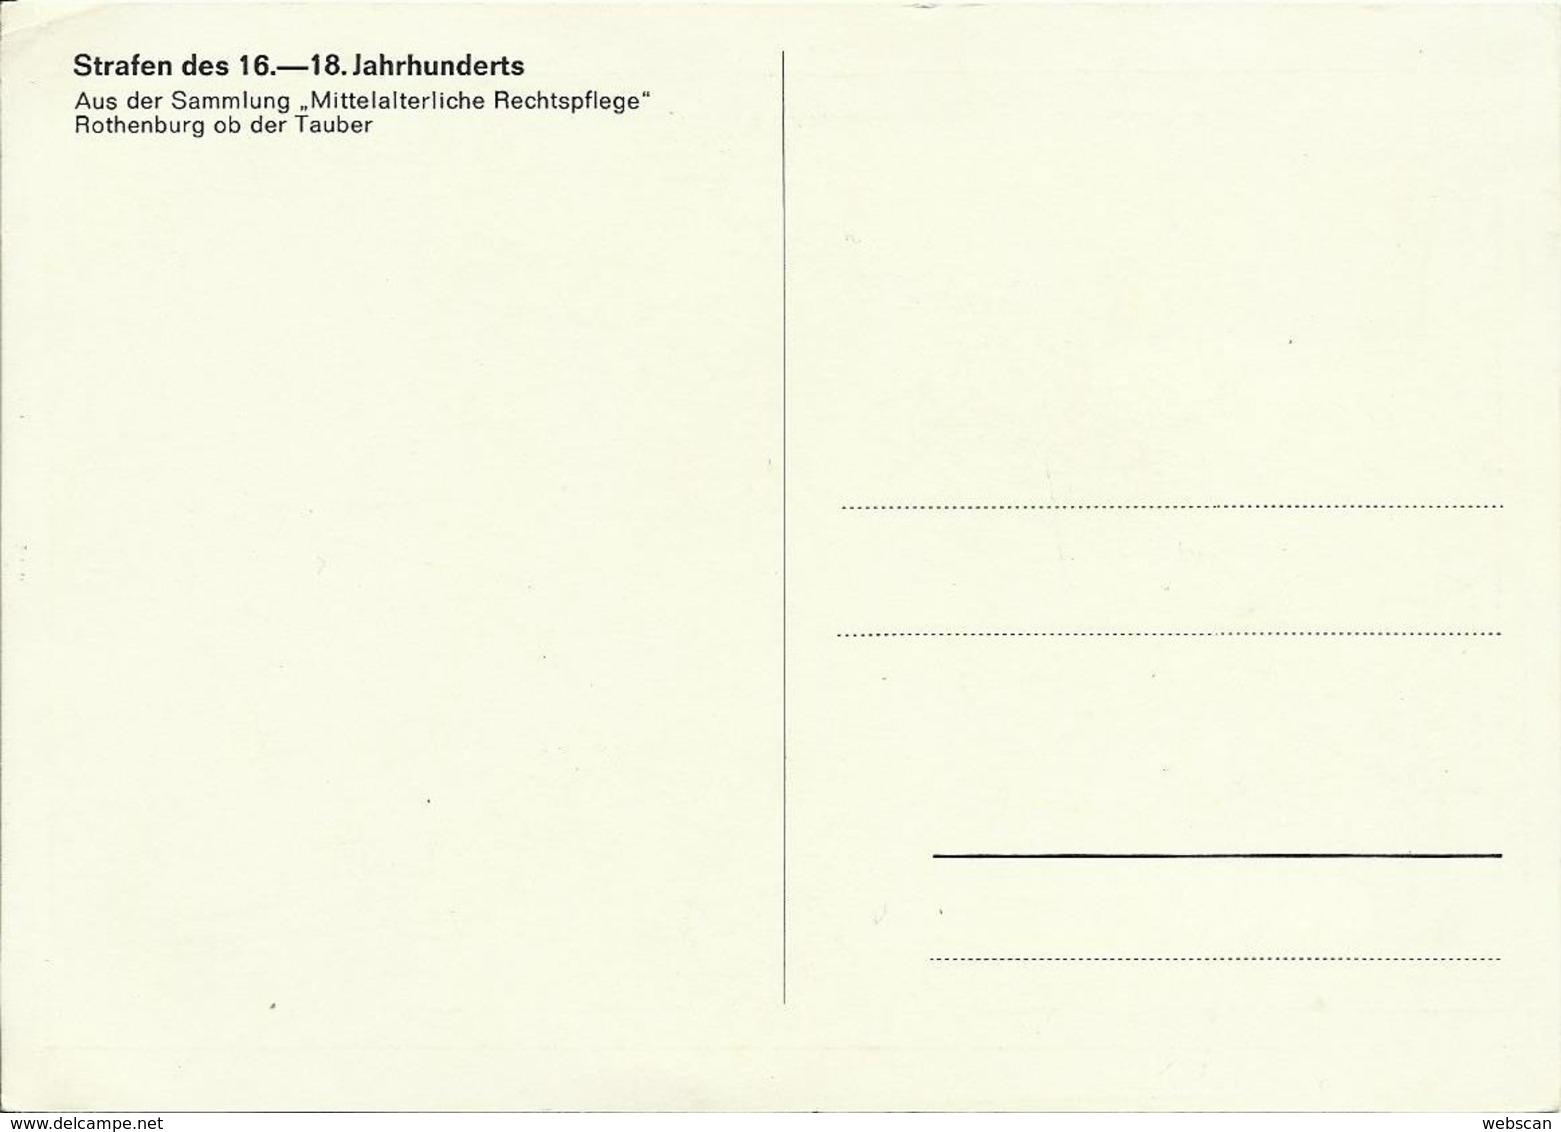 AK Strafe Mittelalter Bäckertaufe Farbfoto ~1960 #2523 - Gefängnis & Insassen